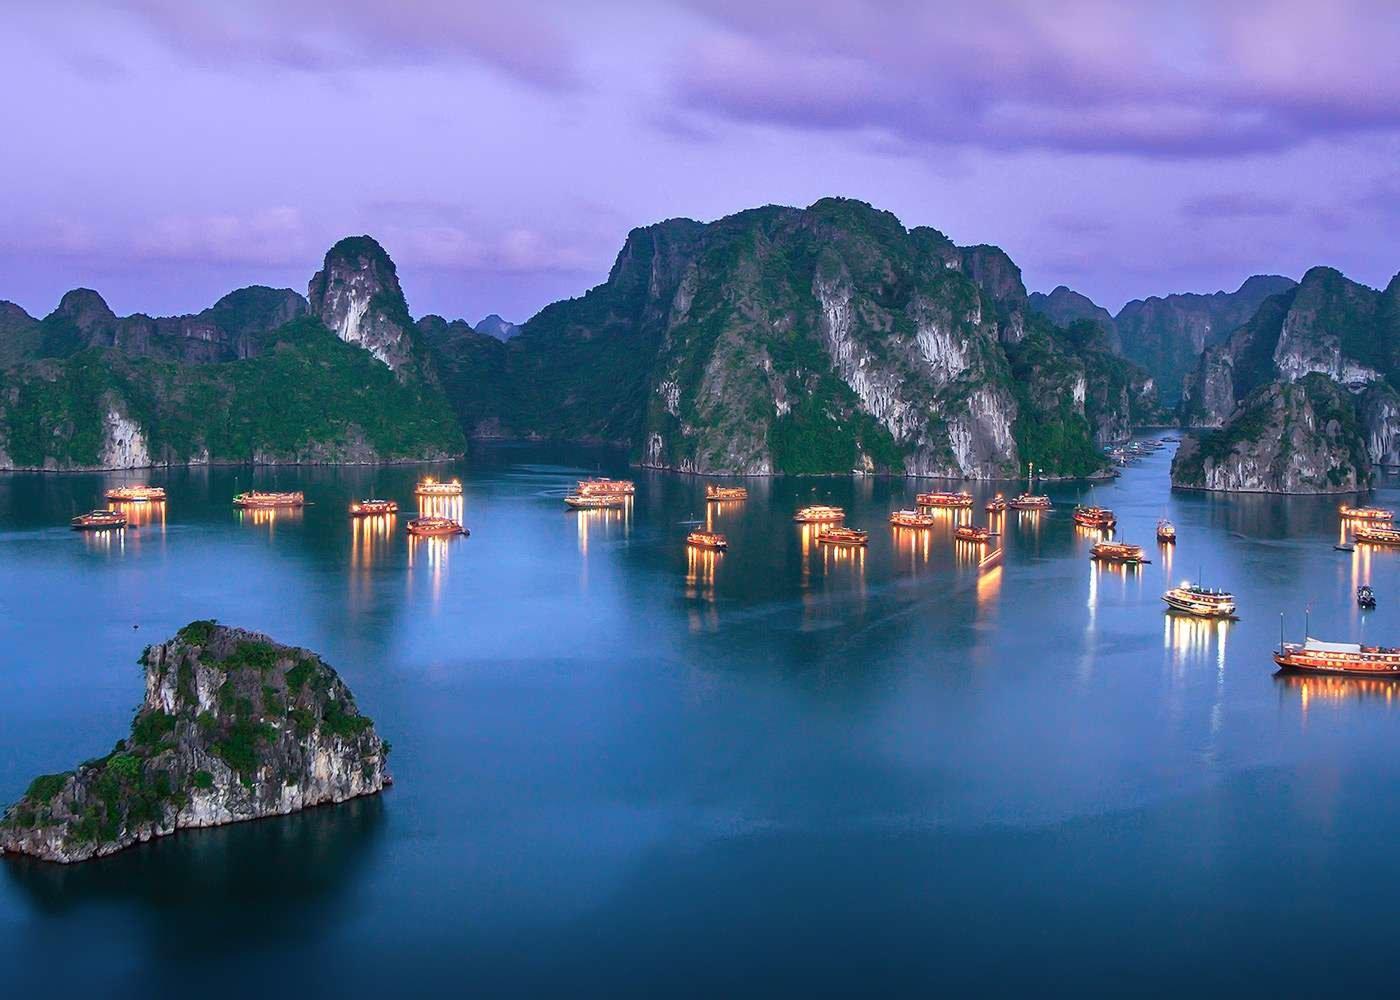 6-Day Hanoi, Sapa & Halong Bay - Vietnam Itinerary